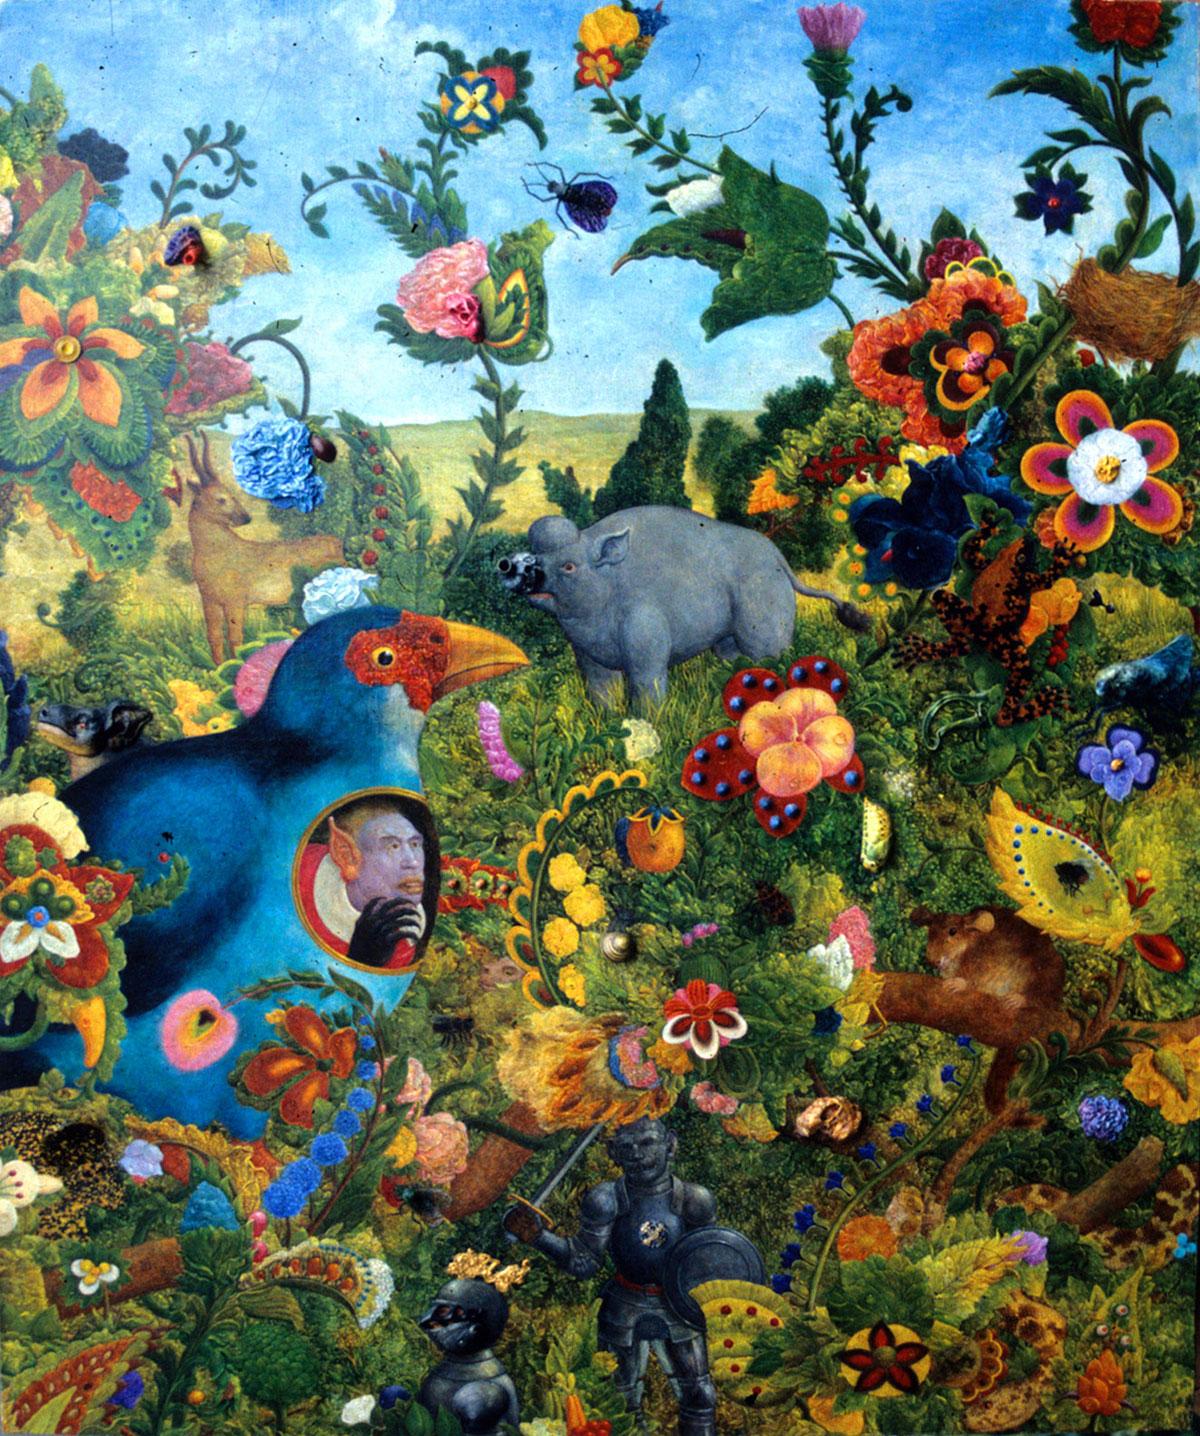 Philippe Briard - Promenade en forêt, 1997, huile et collage sur panneau, 46 x 55 cm